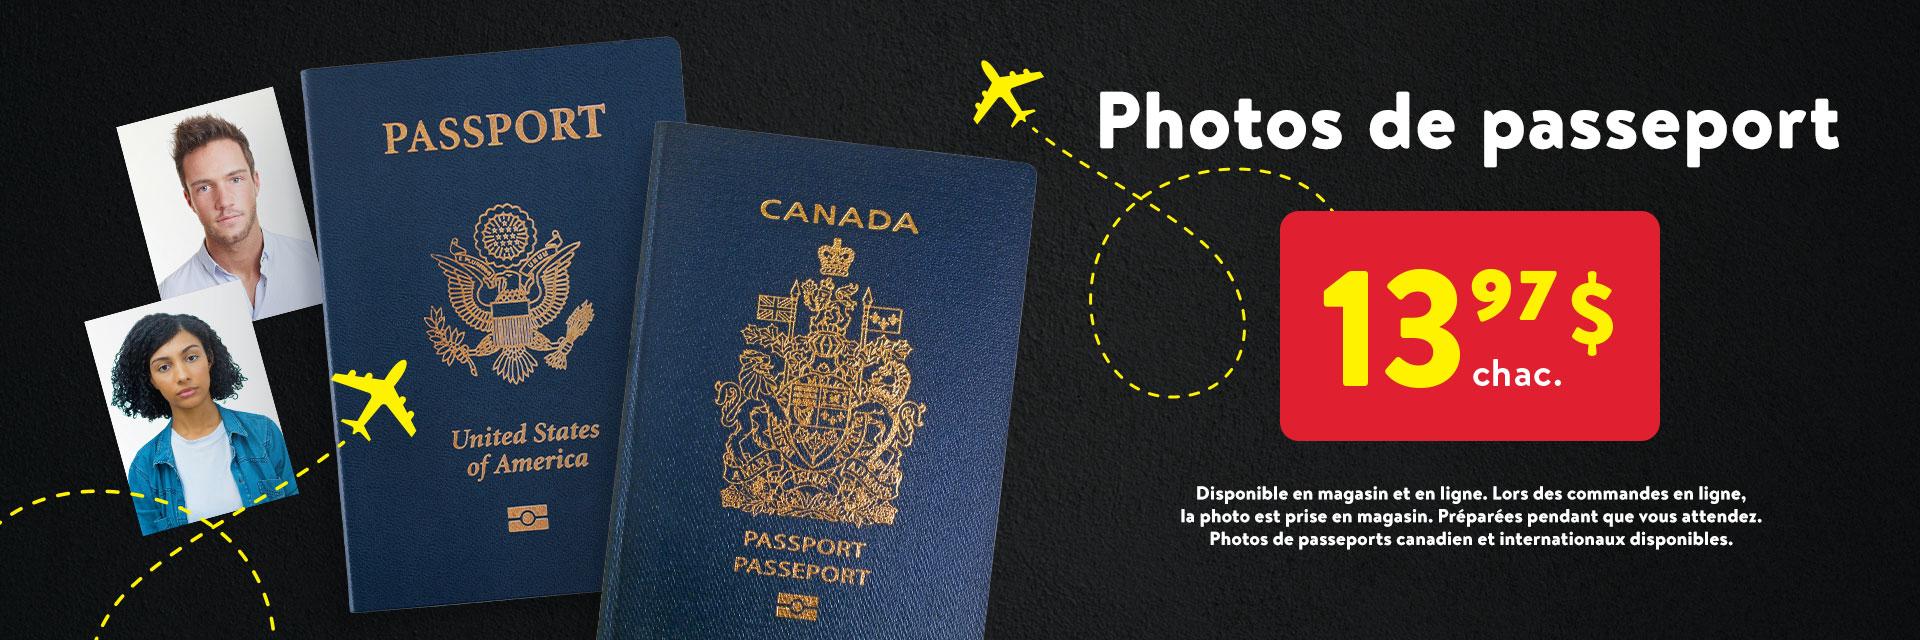 walmart, centre de la photo, photo centre, photocentre, centre de la photo walmart, photos de passeport